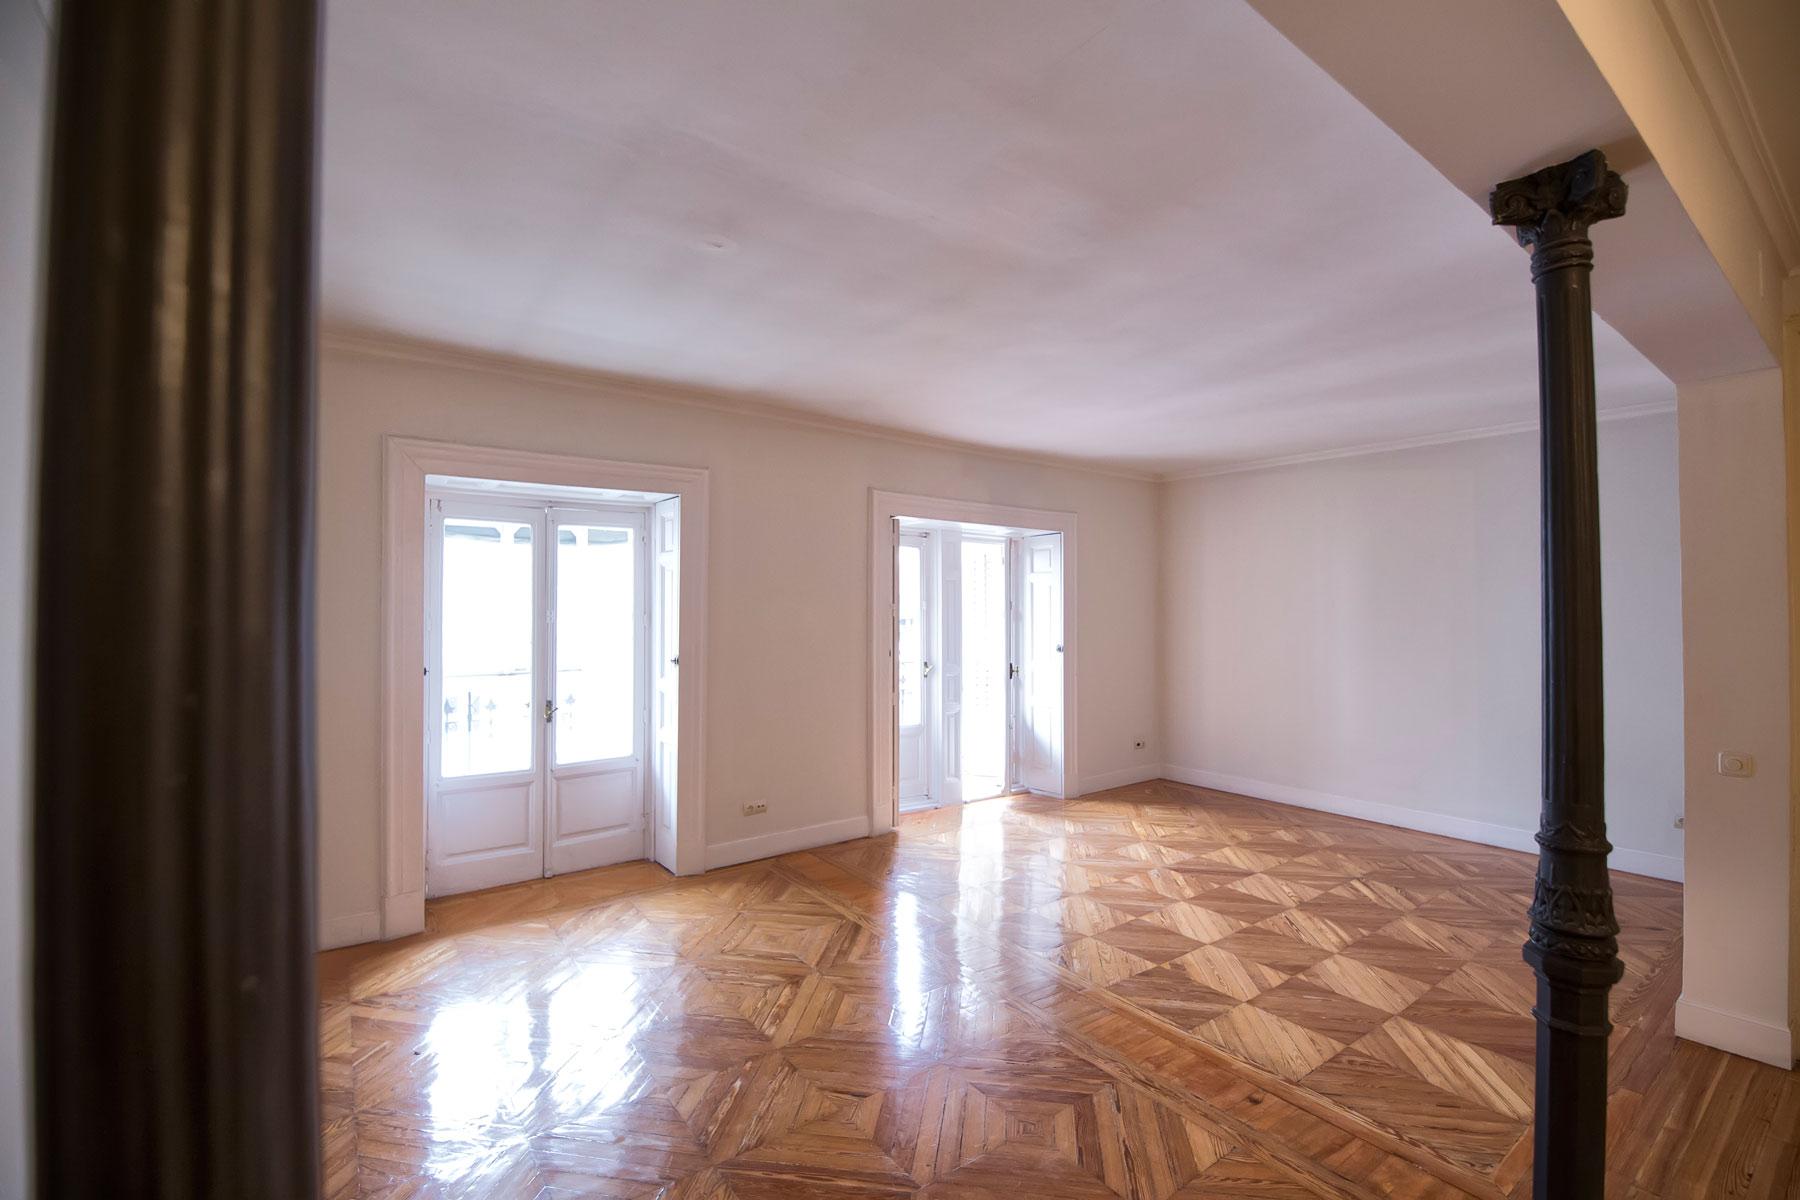 Single Family Home for Sale at Vivienda singular de época en el Barrio de Los Jerónimos Madrid, Madrid, Spain